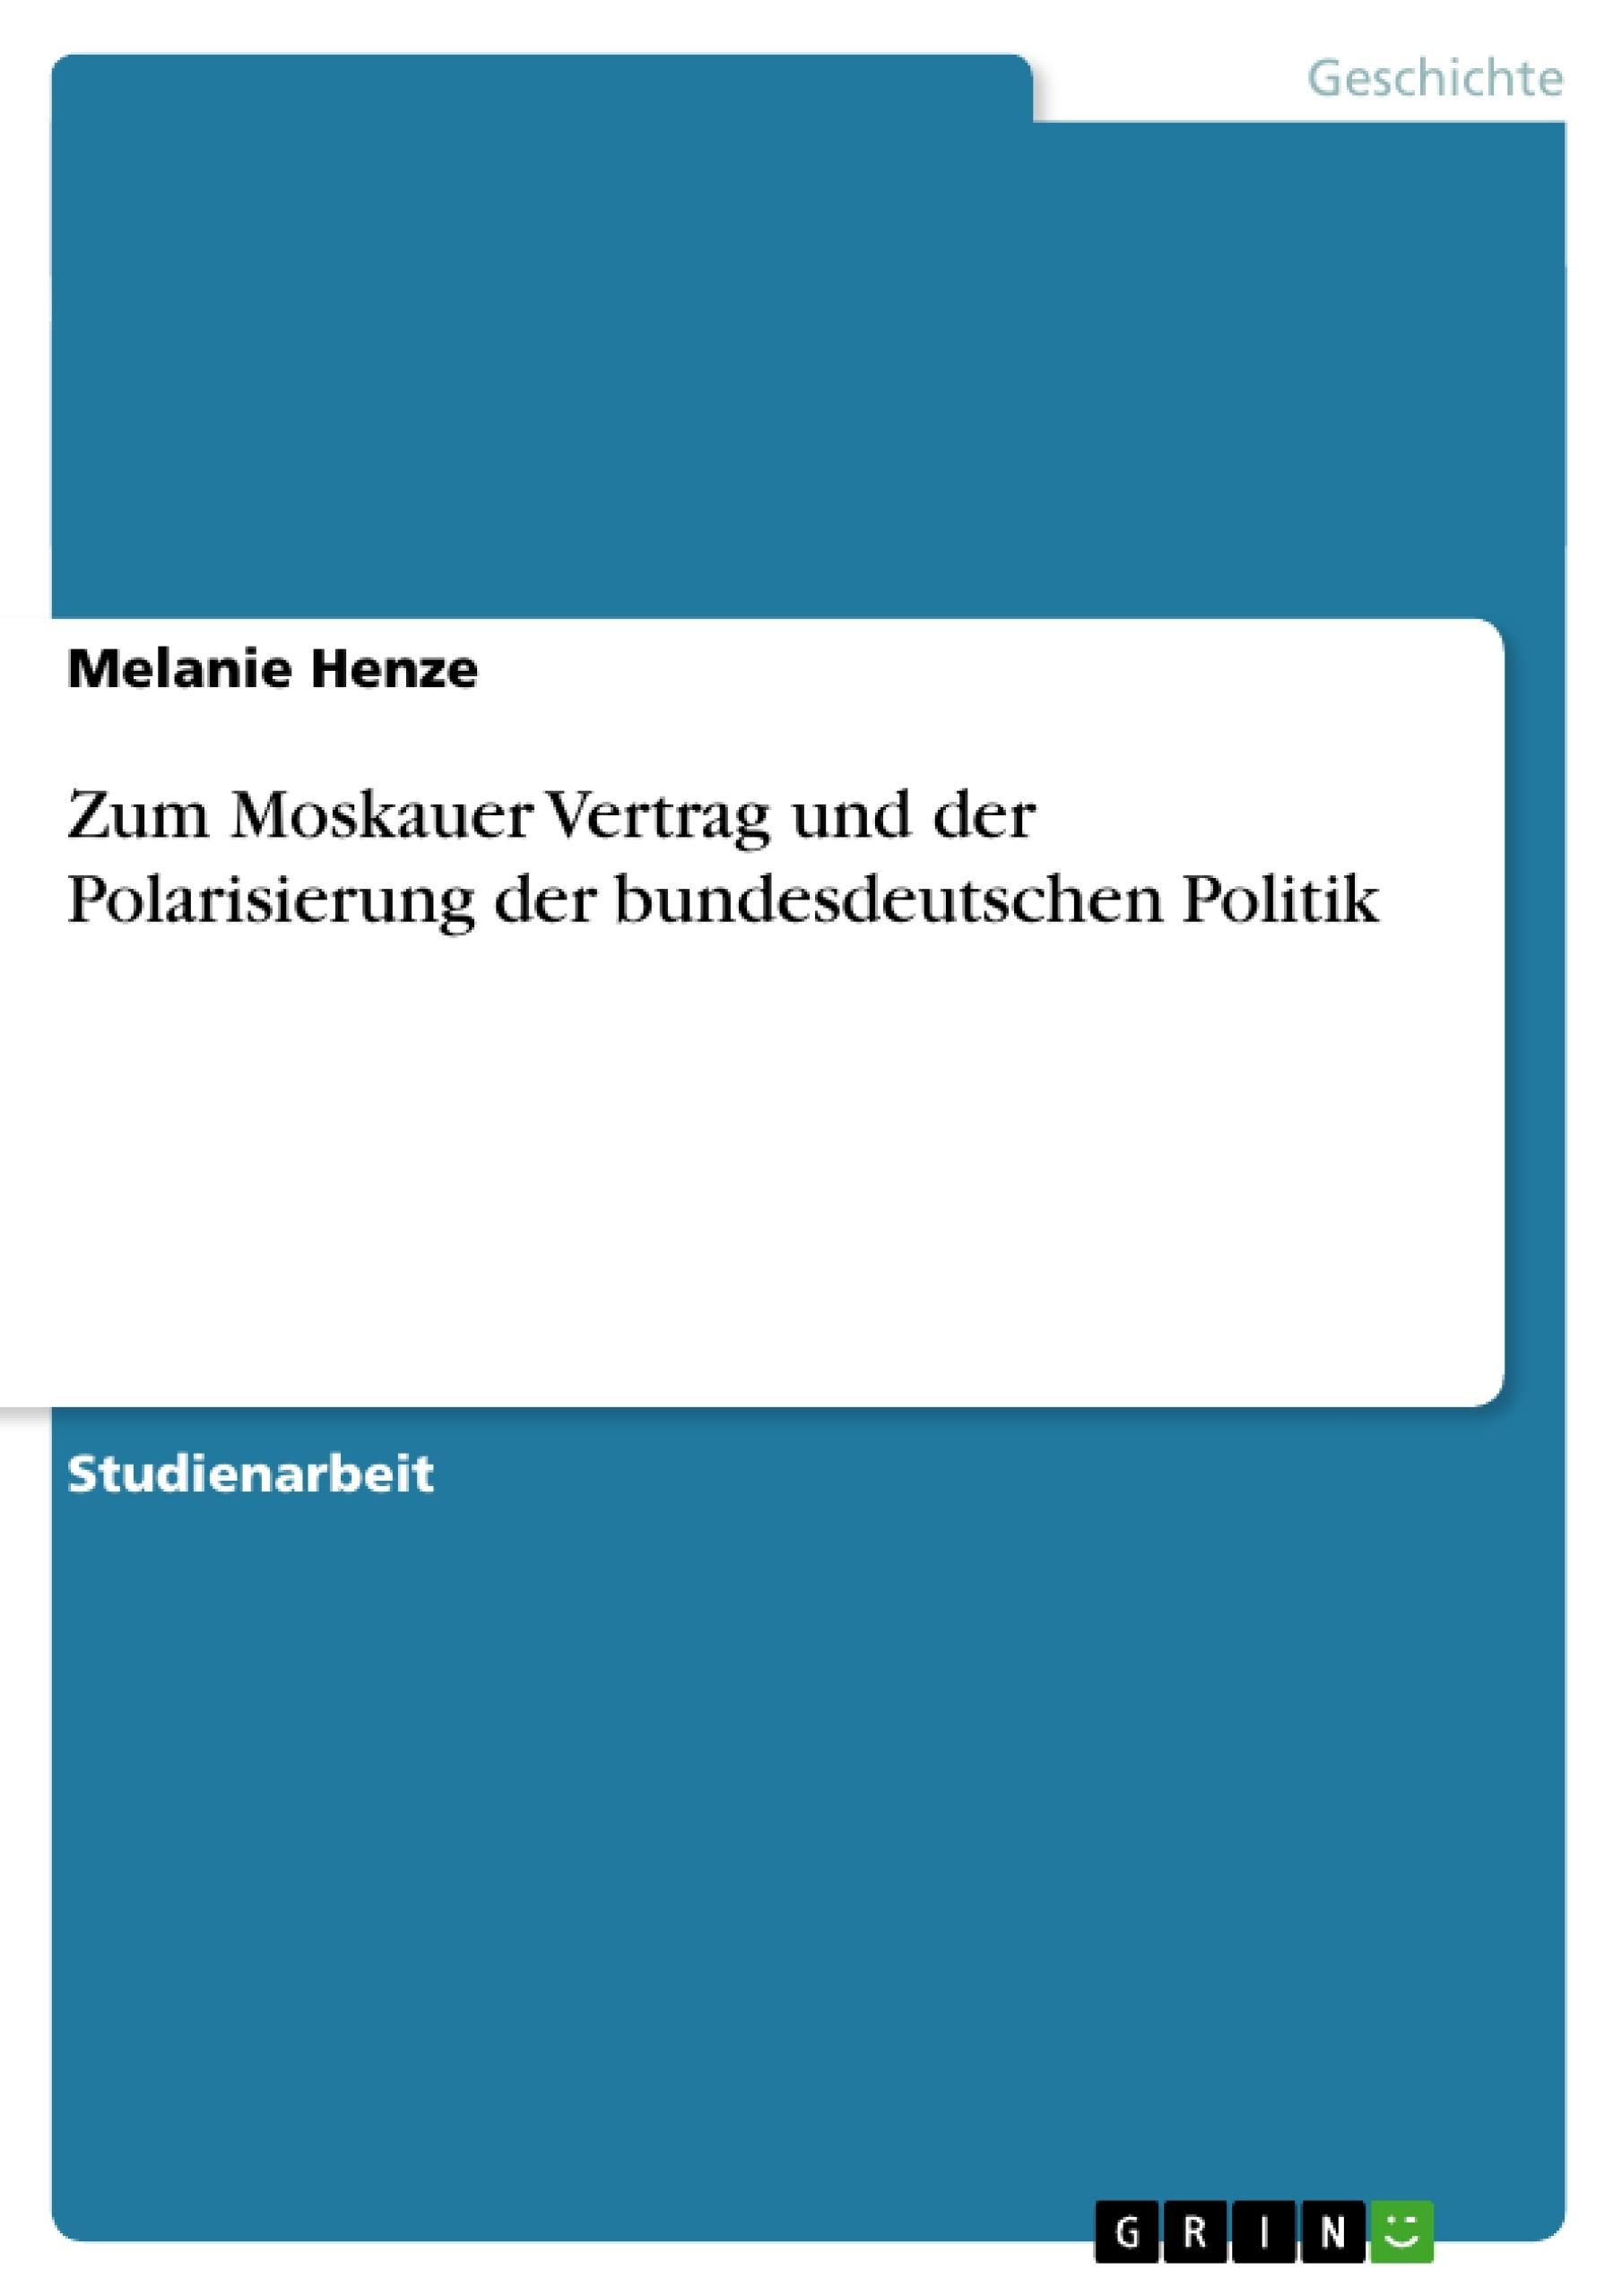 Titel: Zum Moskauer Vertrag und der Polarisierung der bundesdeutschen Politik